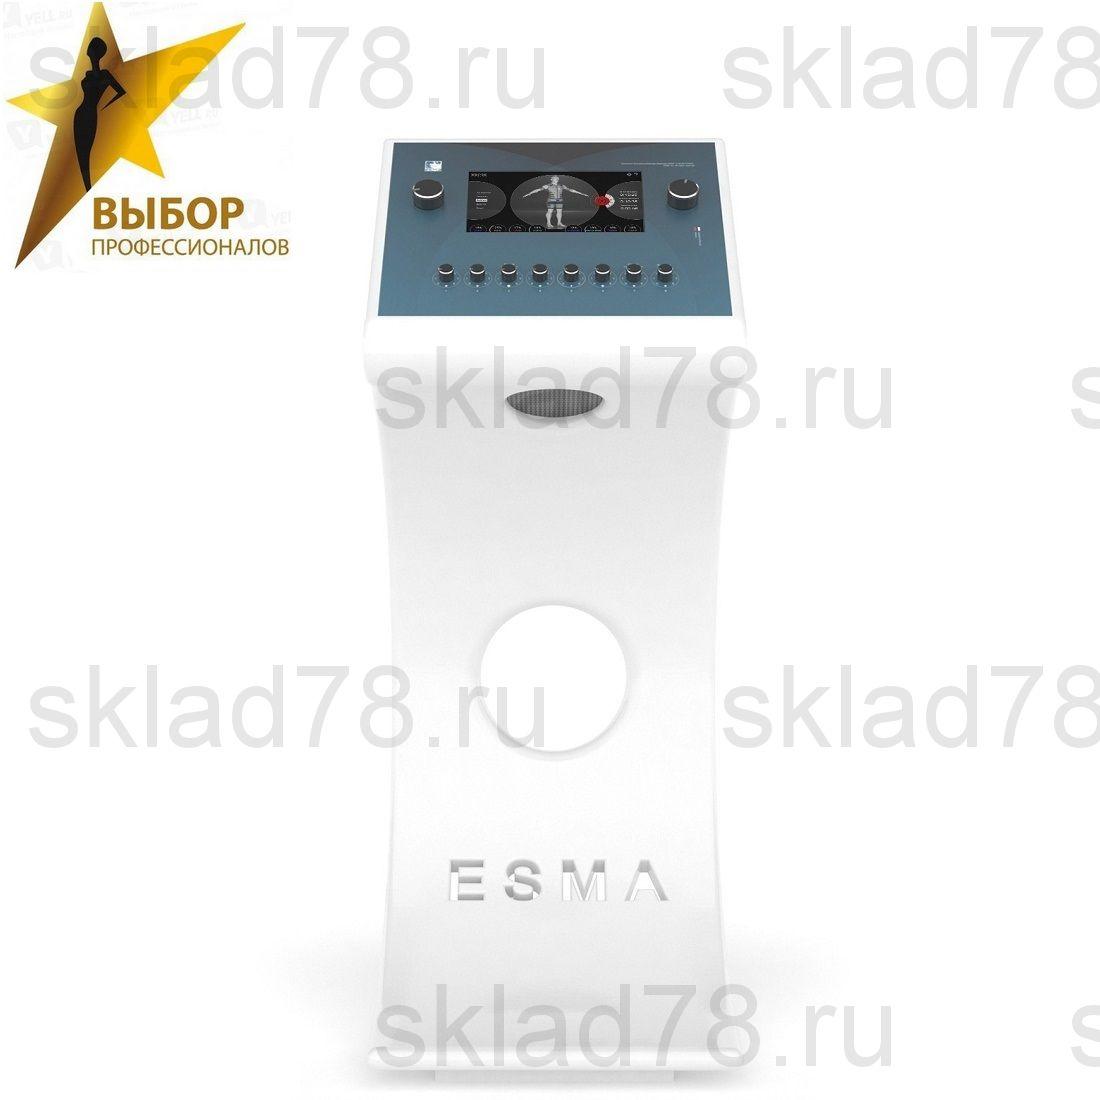 EMS профессиональный тренажер ESMA фитнес 12.06.09 с фигурной белой стойкой